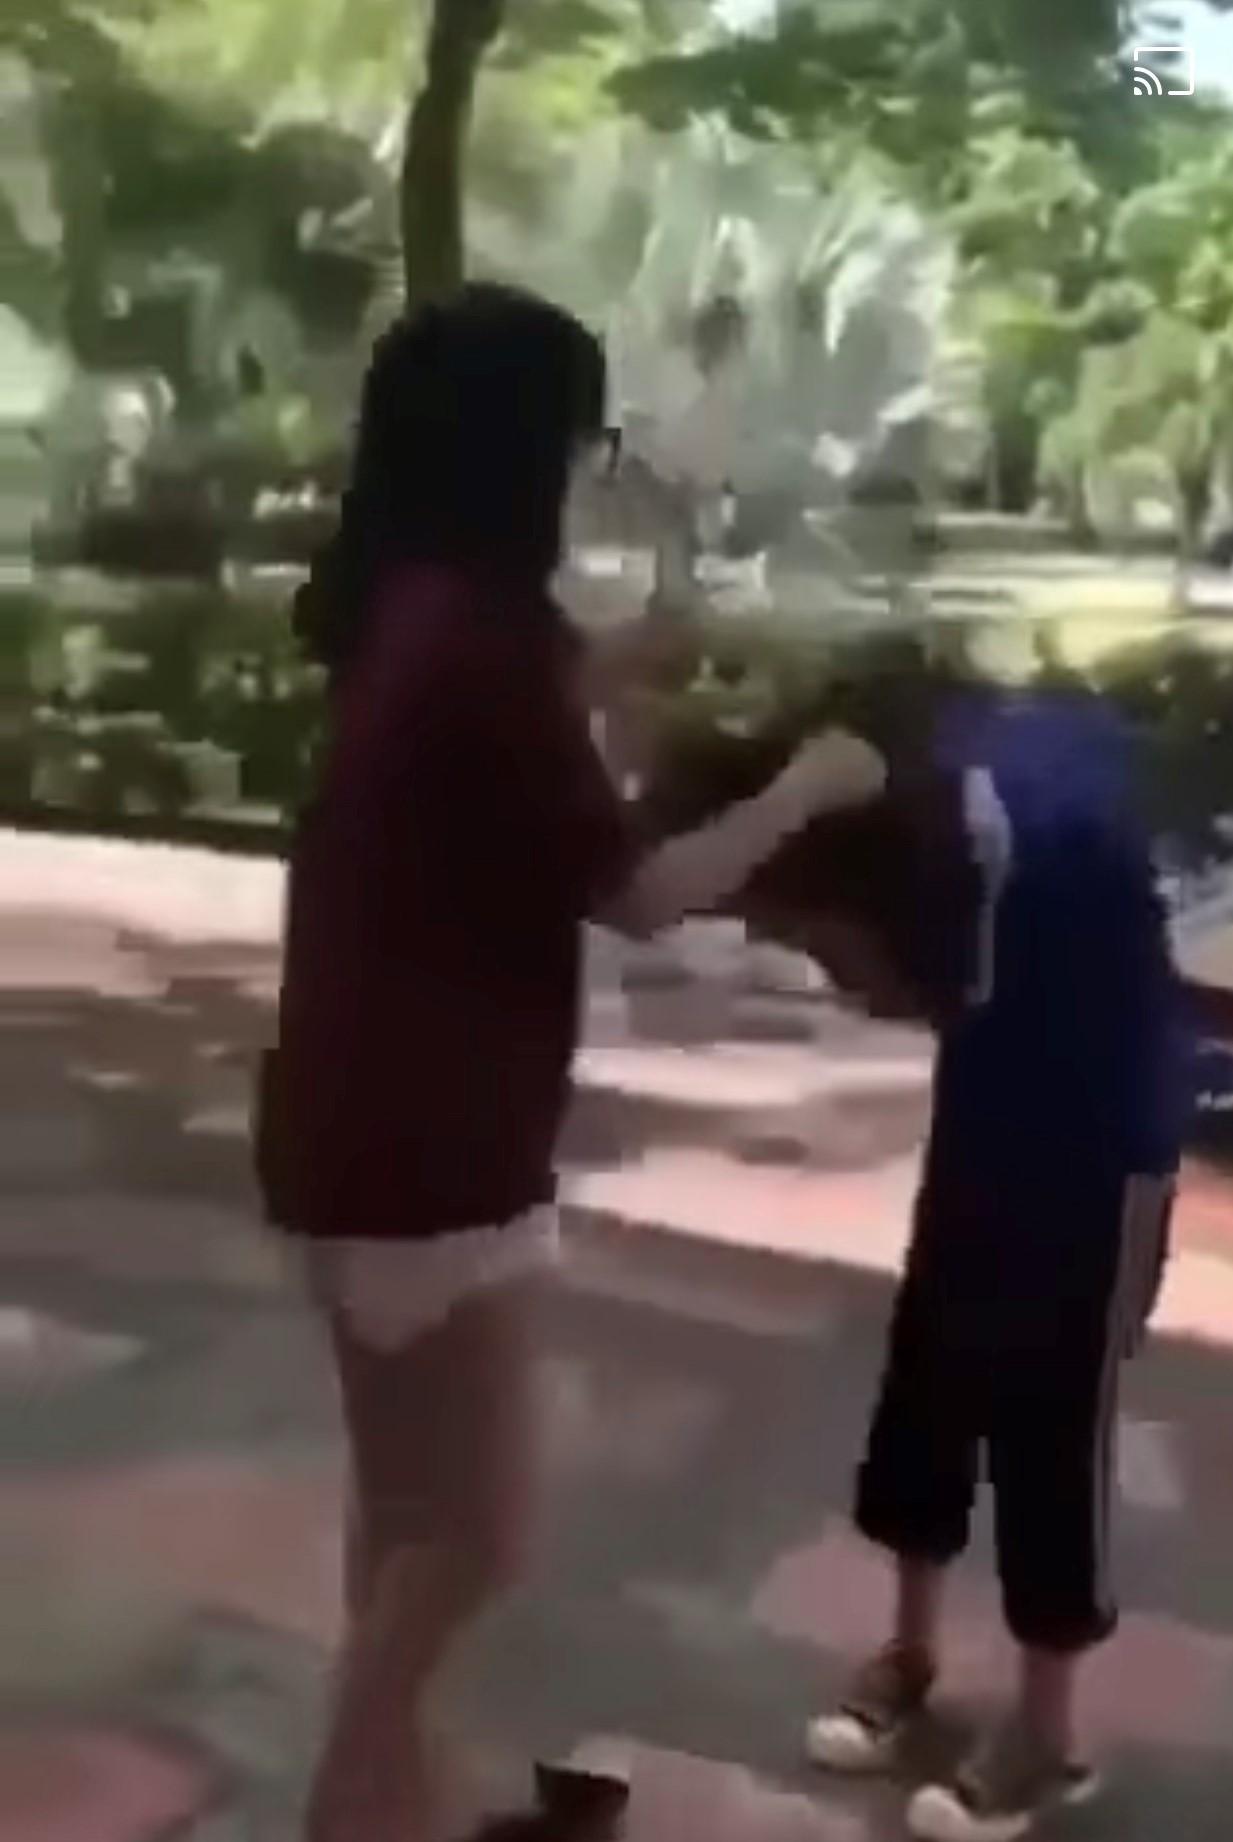 Hải Phòng: Nhóm nữ sinh cấp 2 thay nhau giật tóc, lên gối, đánh đập một nữ sinh khác trường - Ảnh 1.